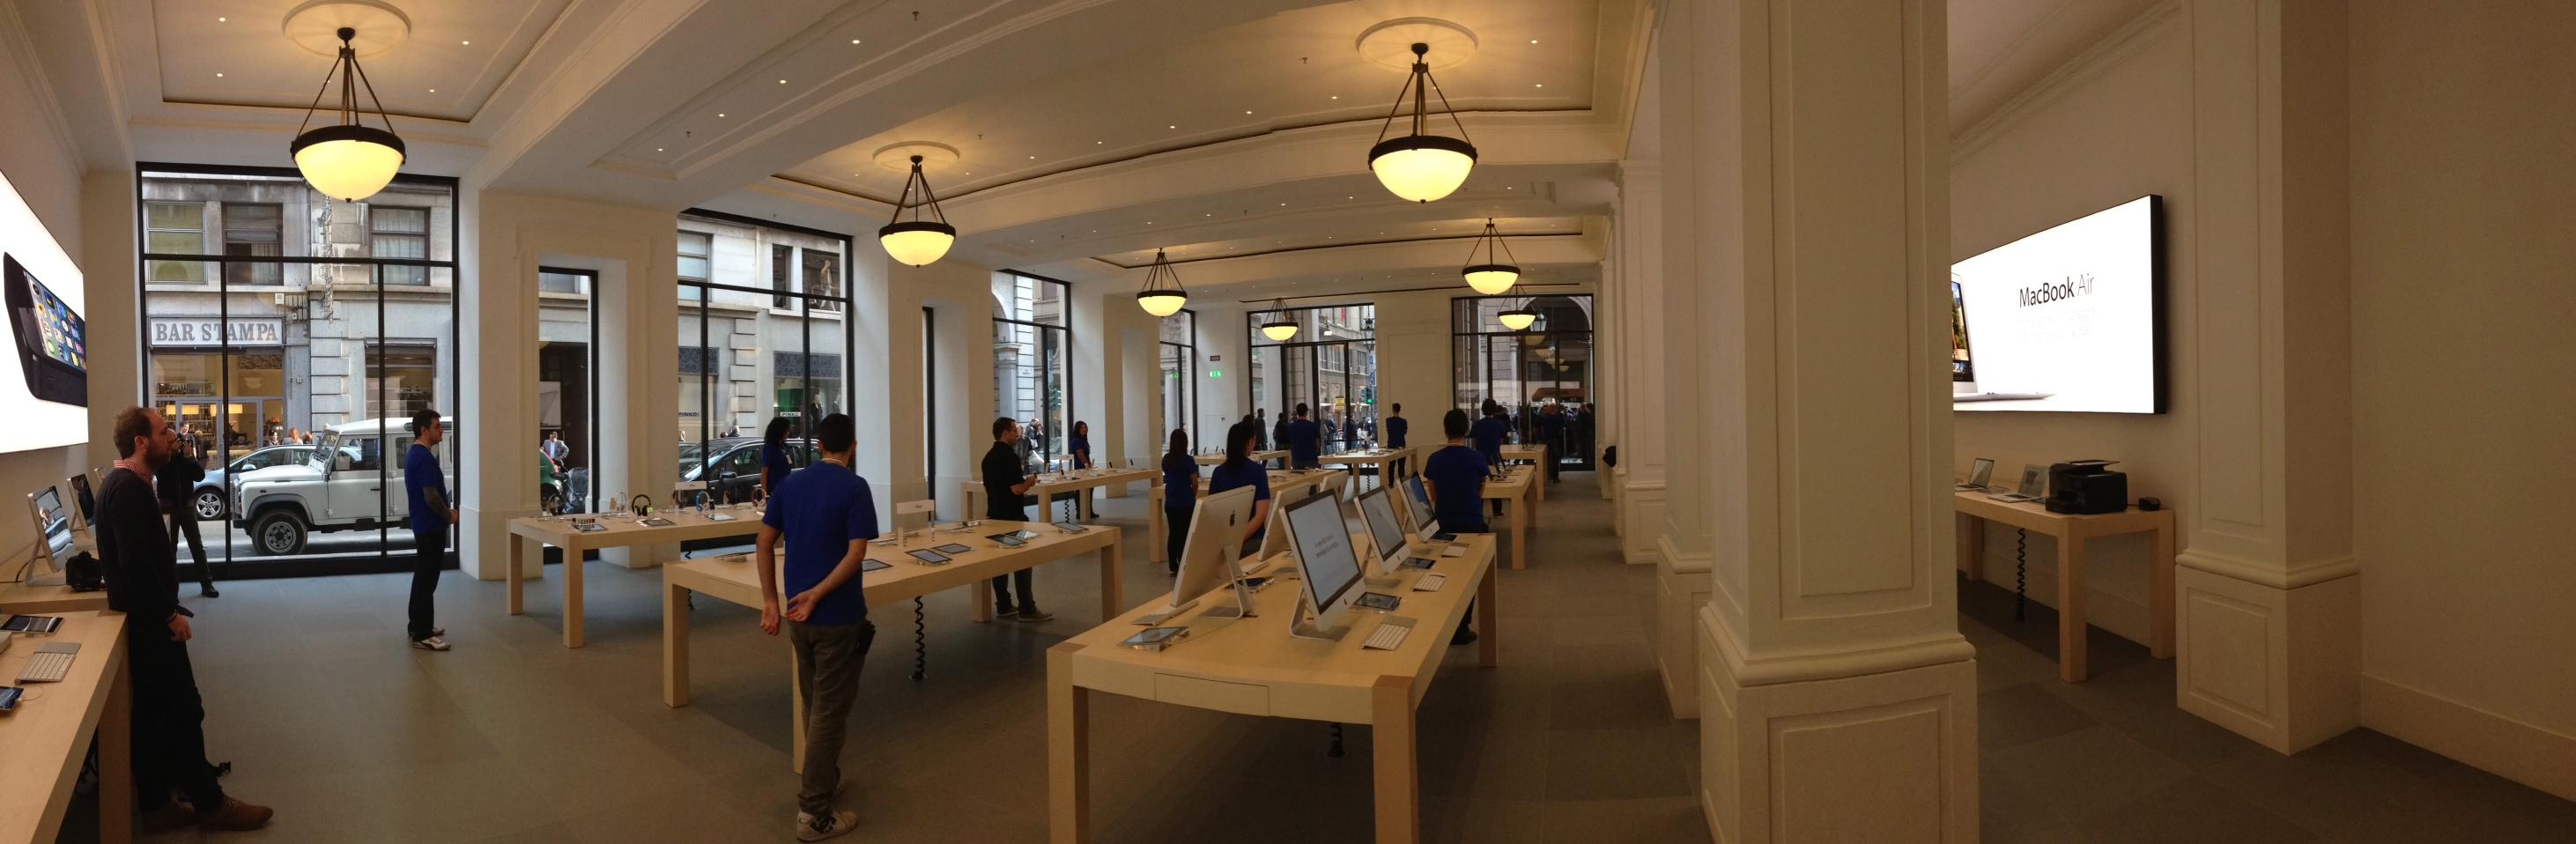 apple store torino ladri